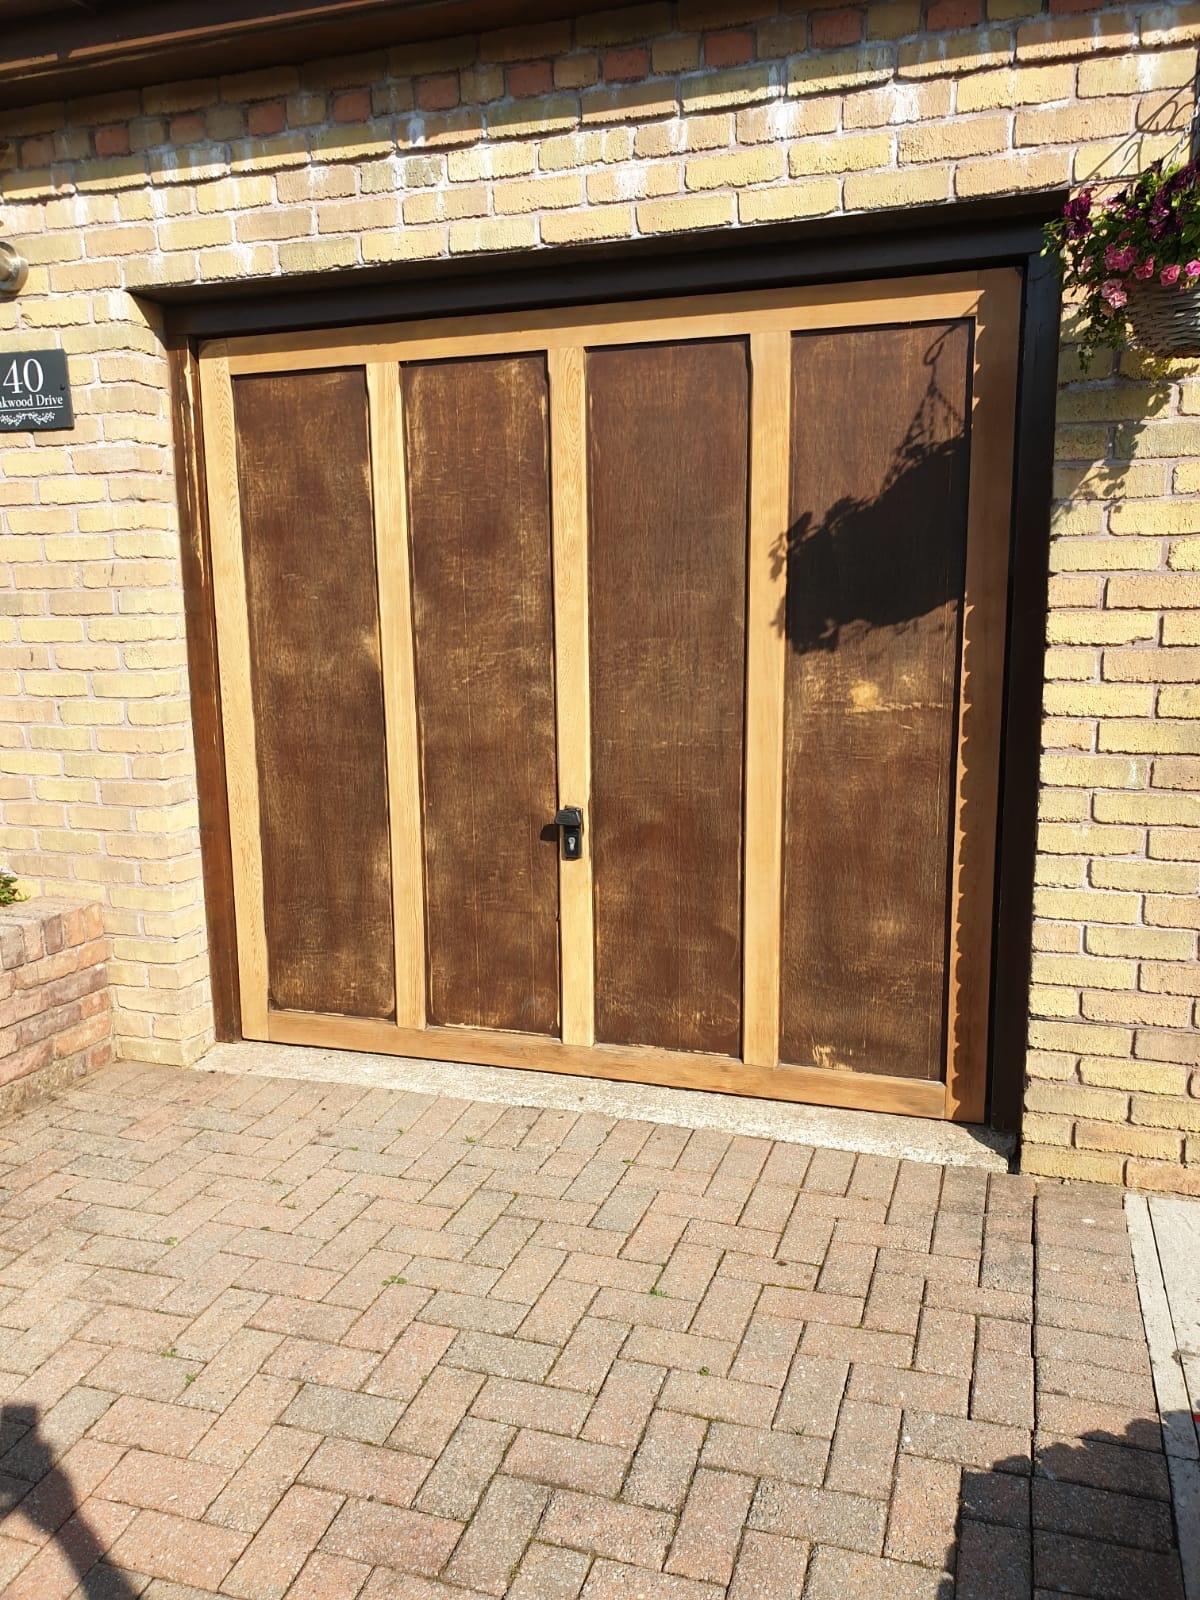 Garage door sanded down before Paintwork by Premier Painters and Decorators Swansea